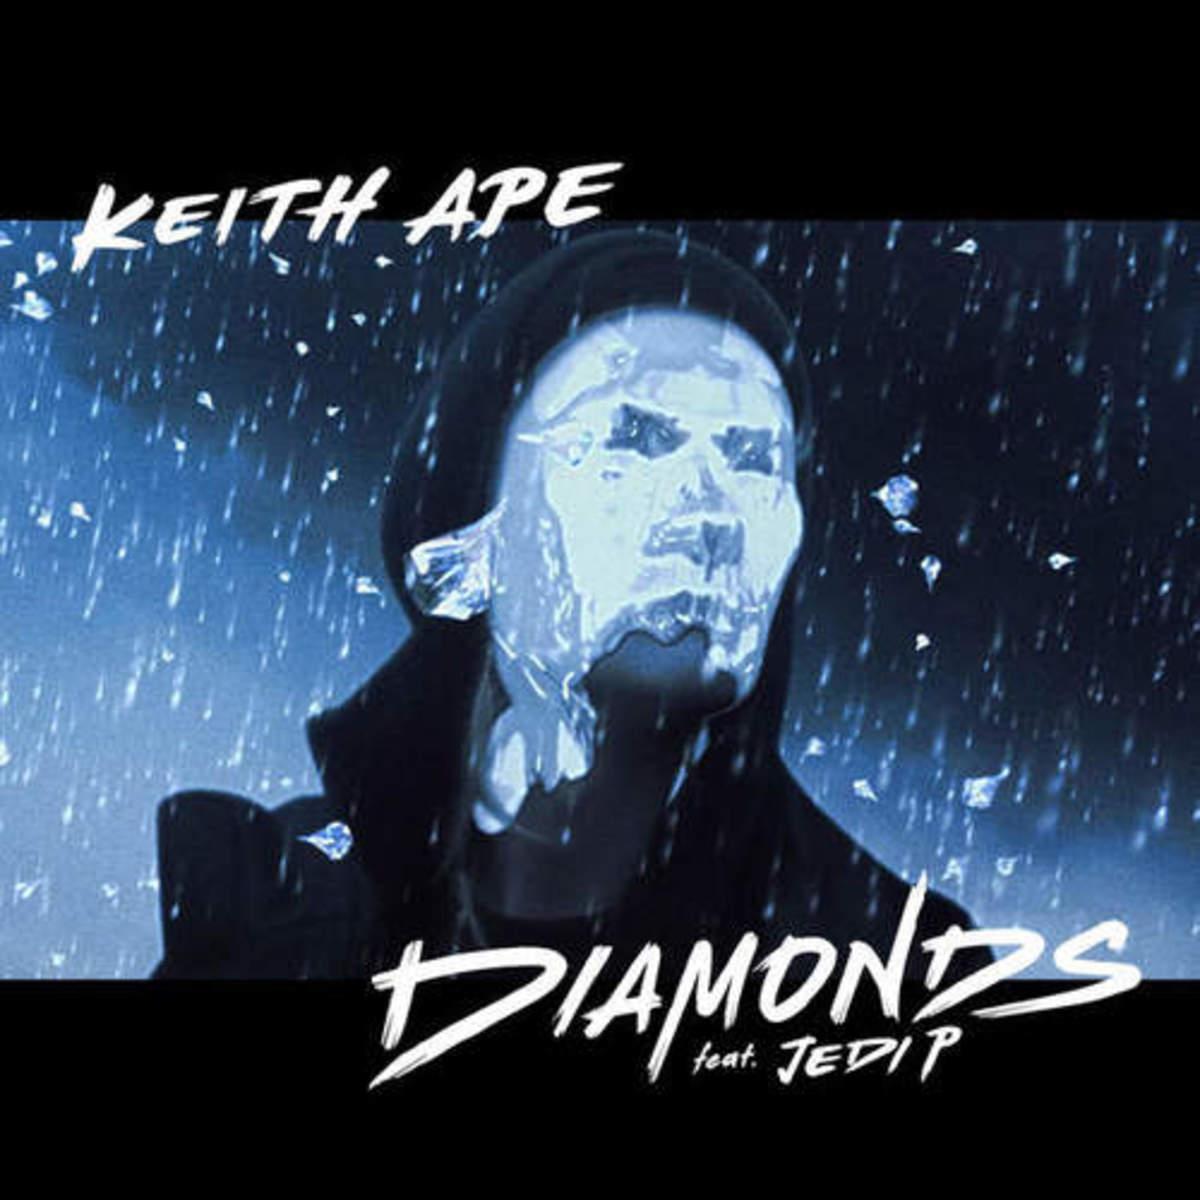 keith-ape-diamonds.jpg